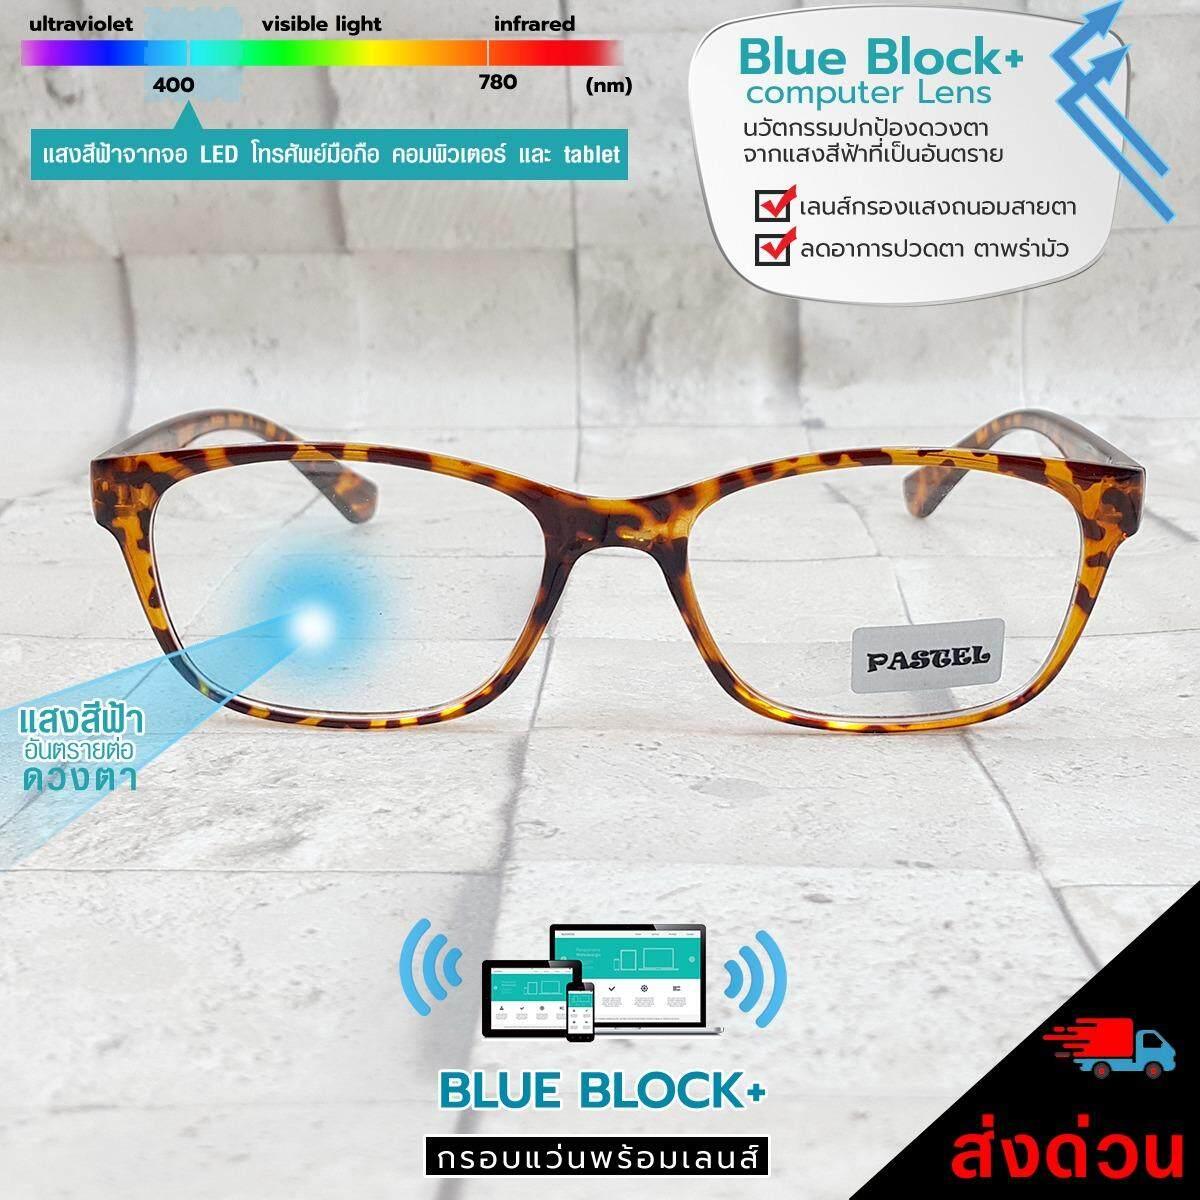 ซื้อ แว่นตากรองแสงบลู หน้าจอมือถือและคอมพิวเตอร์ ลดอาการแสบตา ยี่ห้อ Eyelucy รุ่น Blue Tt107 ด้วยเทคโนโลยีใหม่ล่าสุด Nano Blue Light Block Plus รู้สึกสบายตาทันที ตั้งแต่ใส่ครั้งแรก ออนไลน์ ถูก